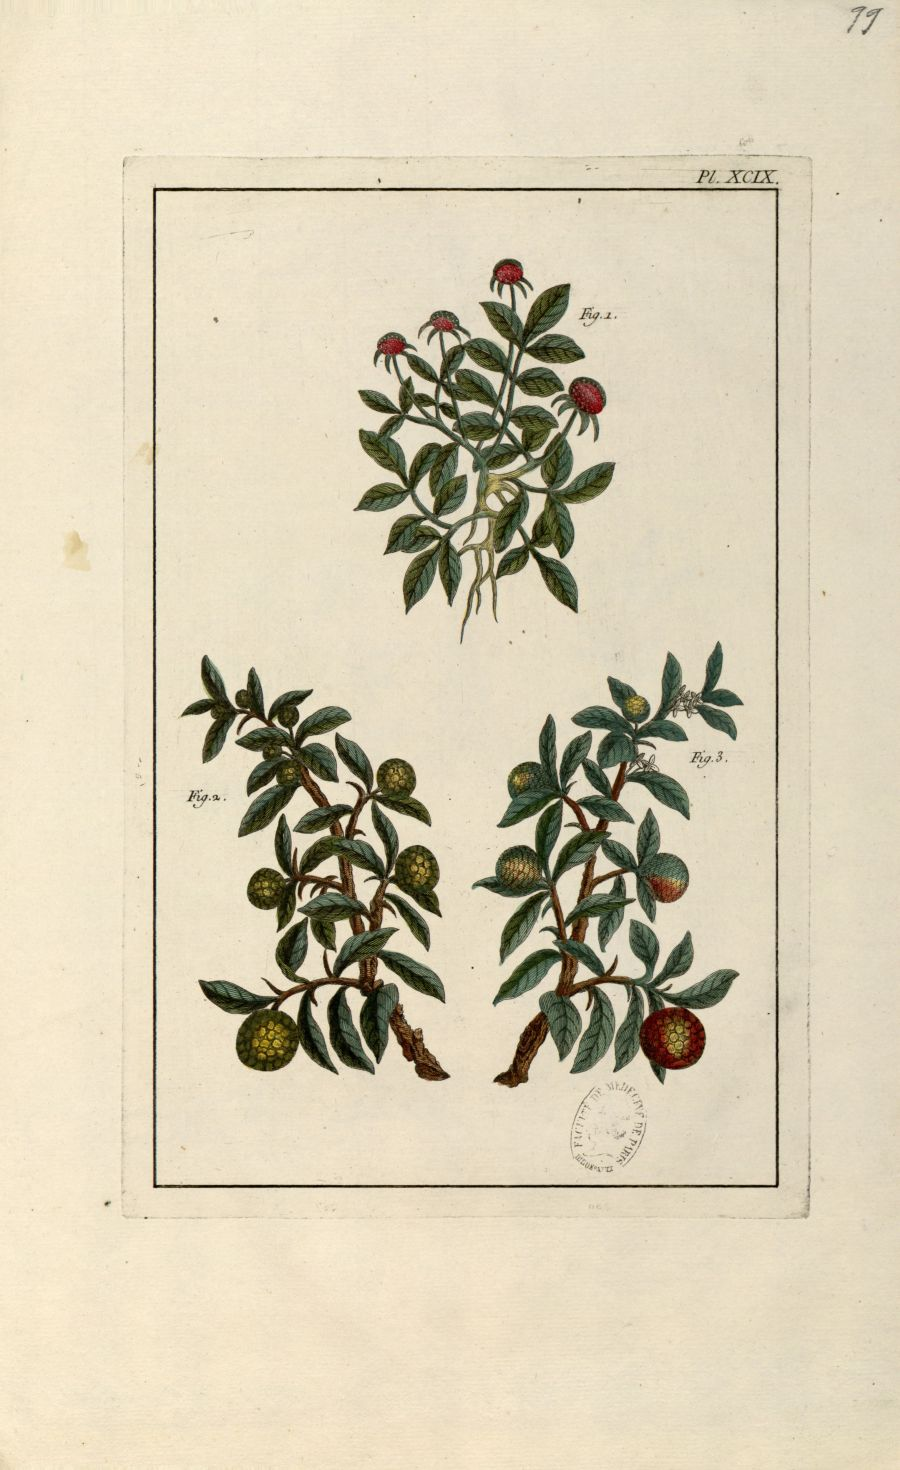 Planche XCIX - Herbier ou collection des plantes médicinales de la Chine d'après un manuscrit peint  [...] - Botanique. Plantes (médecine). Chine. 18e siècle - med01989x0102